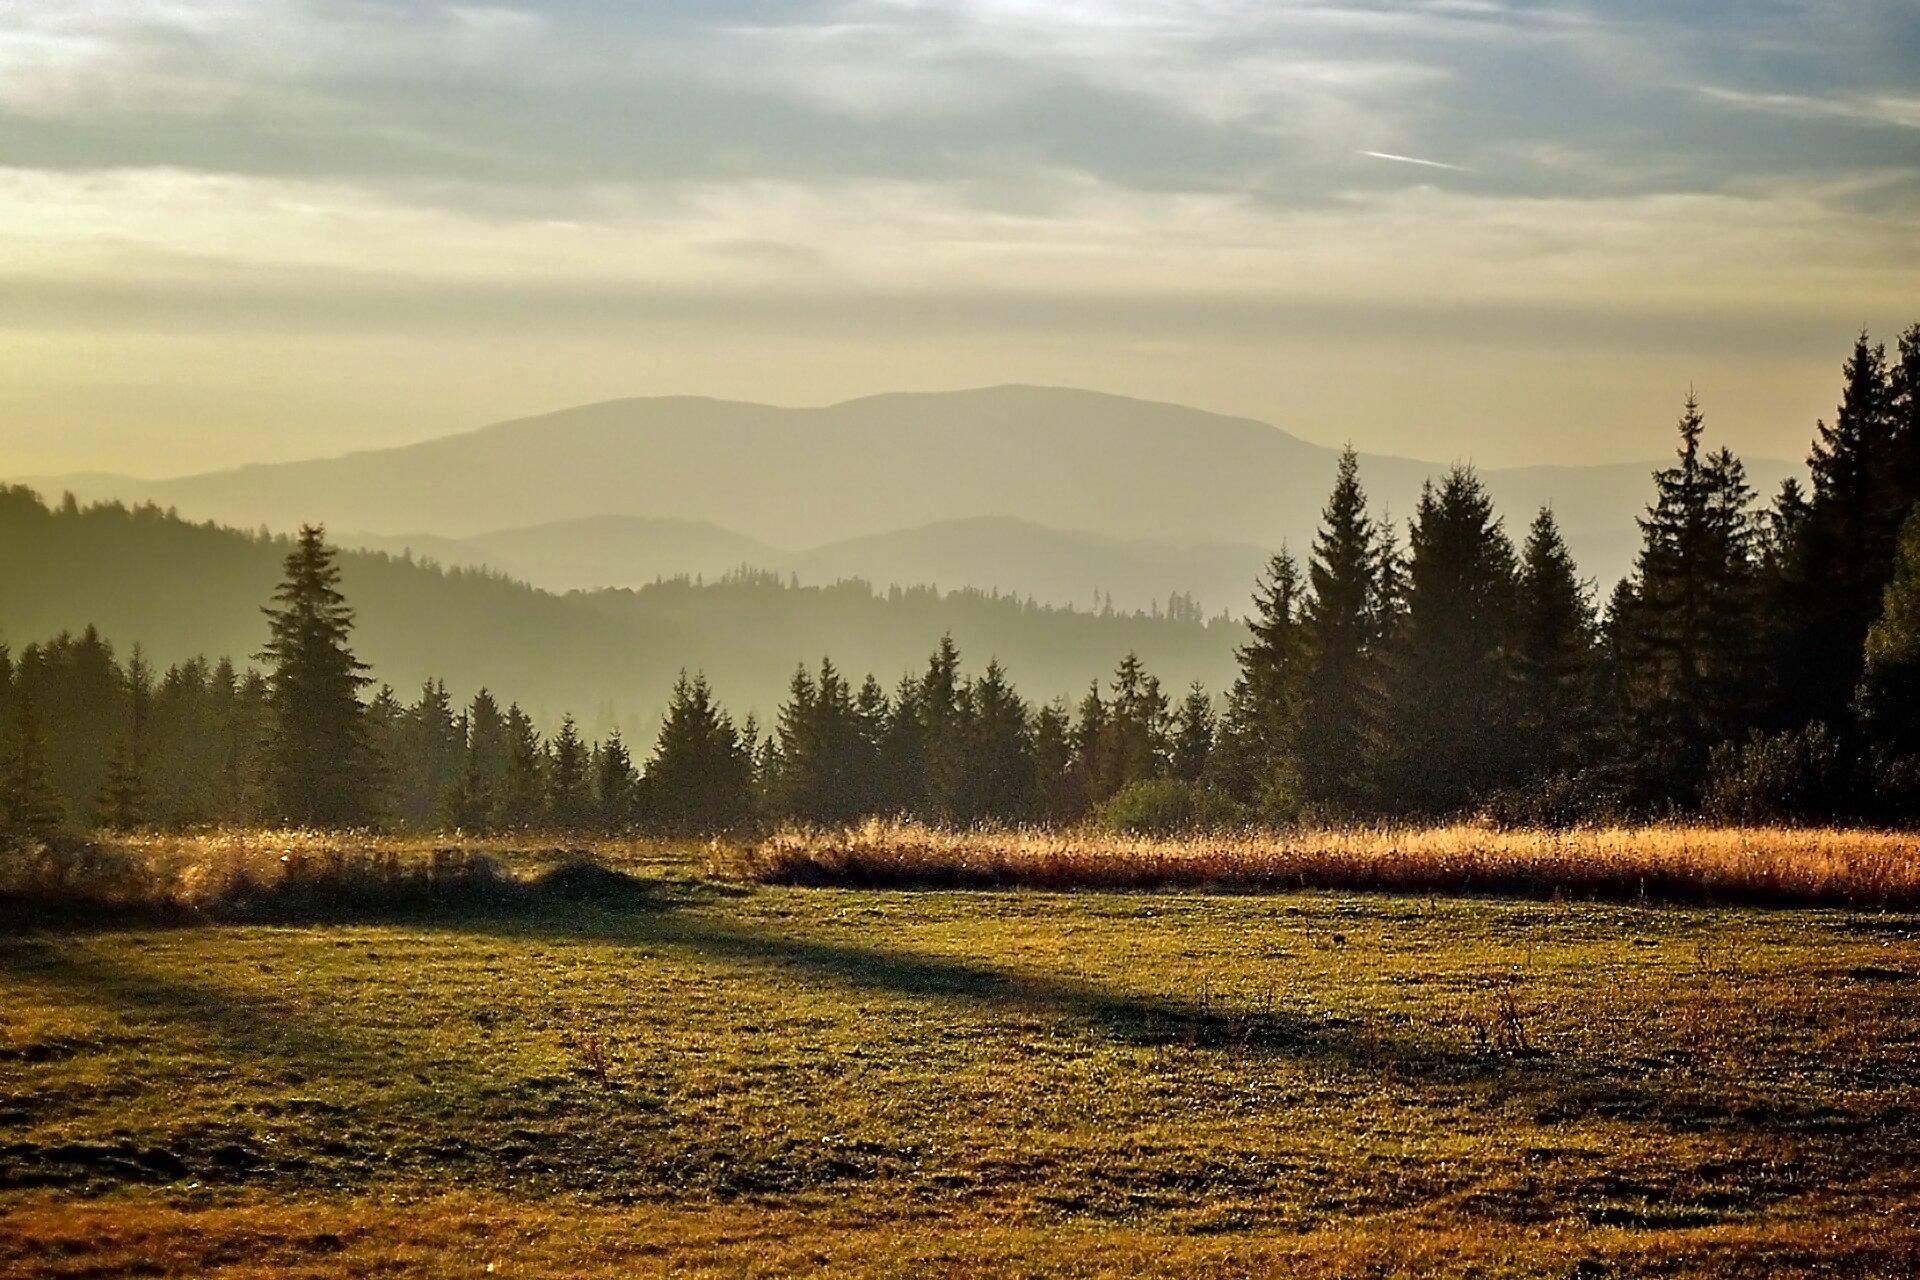 Galeria prezentuje różne typy gór spotykane wPolsce. Pierwsza fotografia to przykład gór średnich, na fotografii Babia Góra. Na pierwszym planie widoczna łąka ze świerkami na obrzeżach